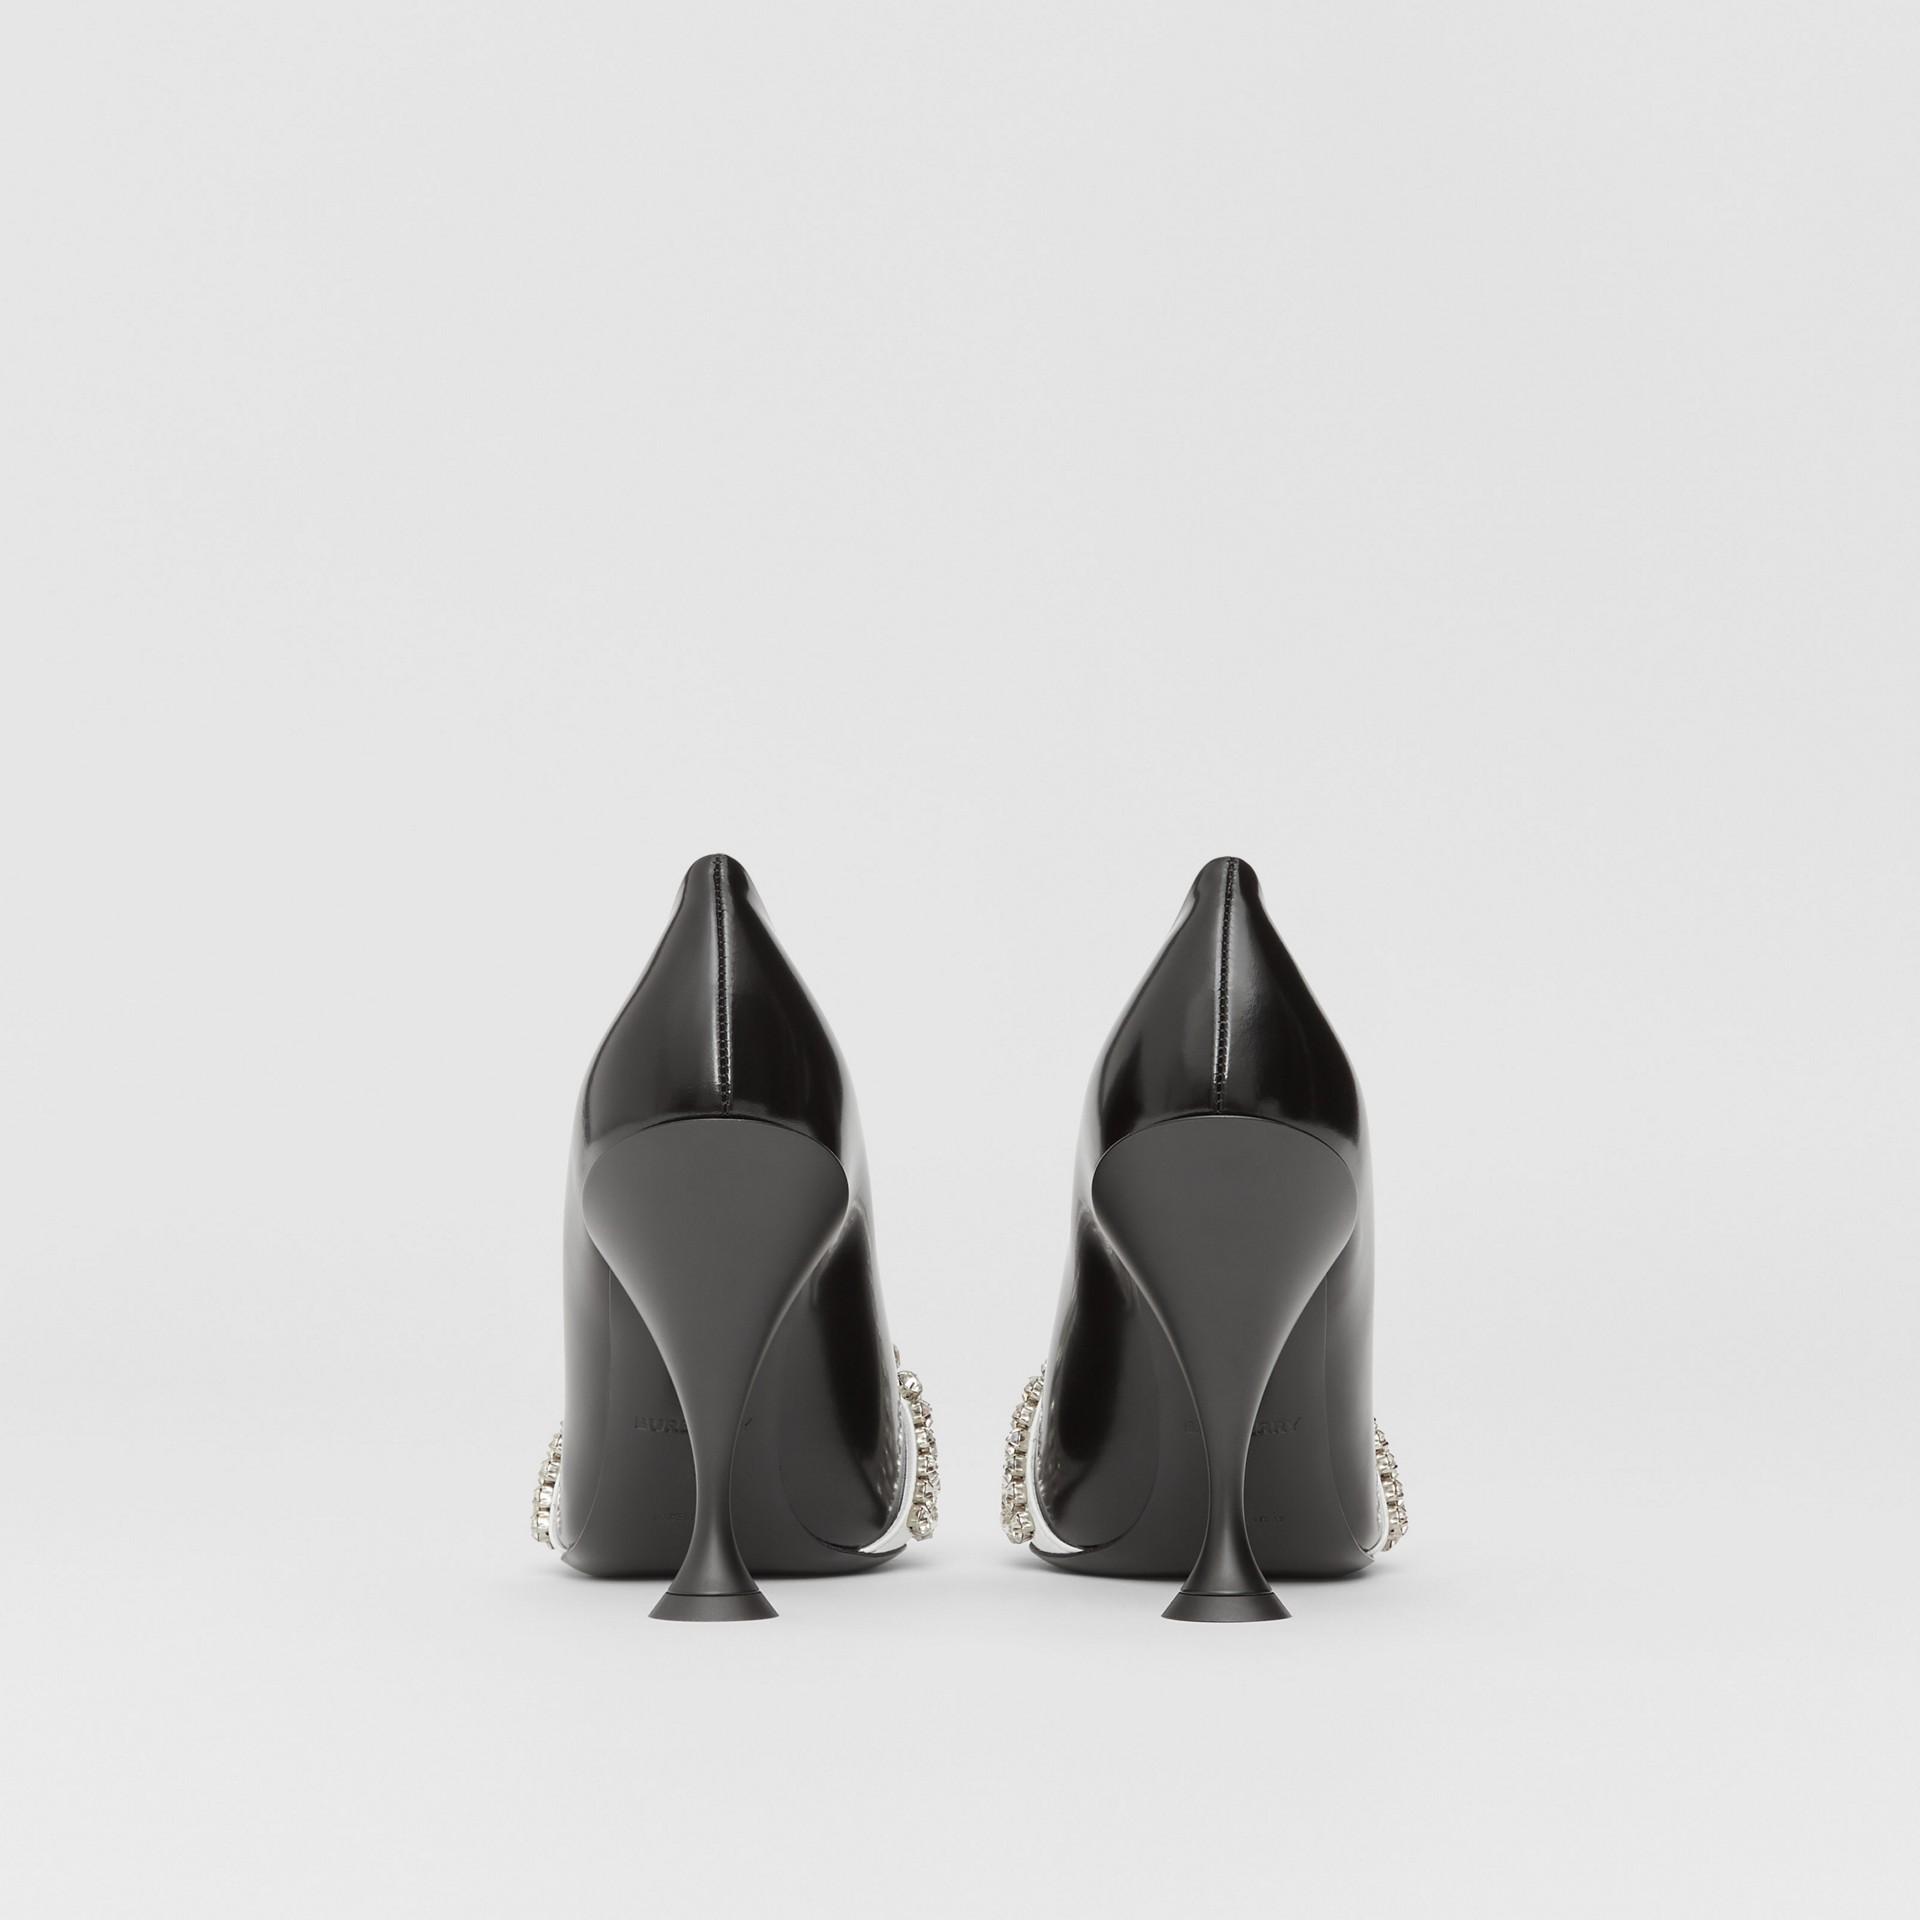 Spitz zulaufende Pumps aus Leder und Veloursleder mit Kristalldetail (Schwarz) - Damen | Burberry - Galerie-Bild 4